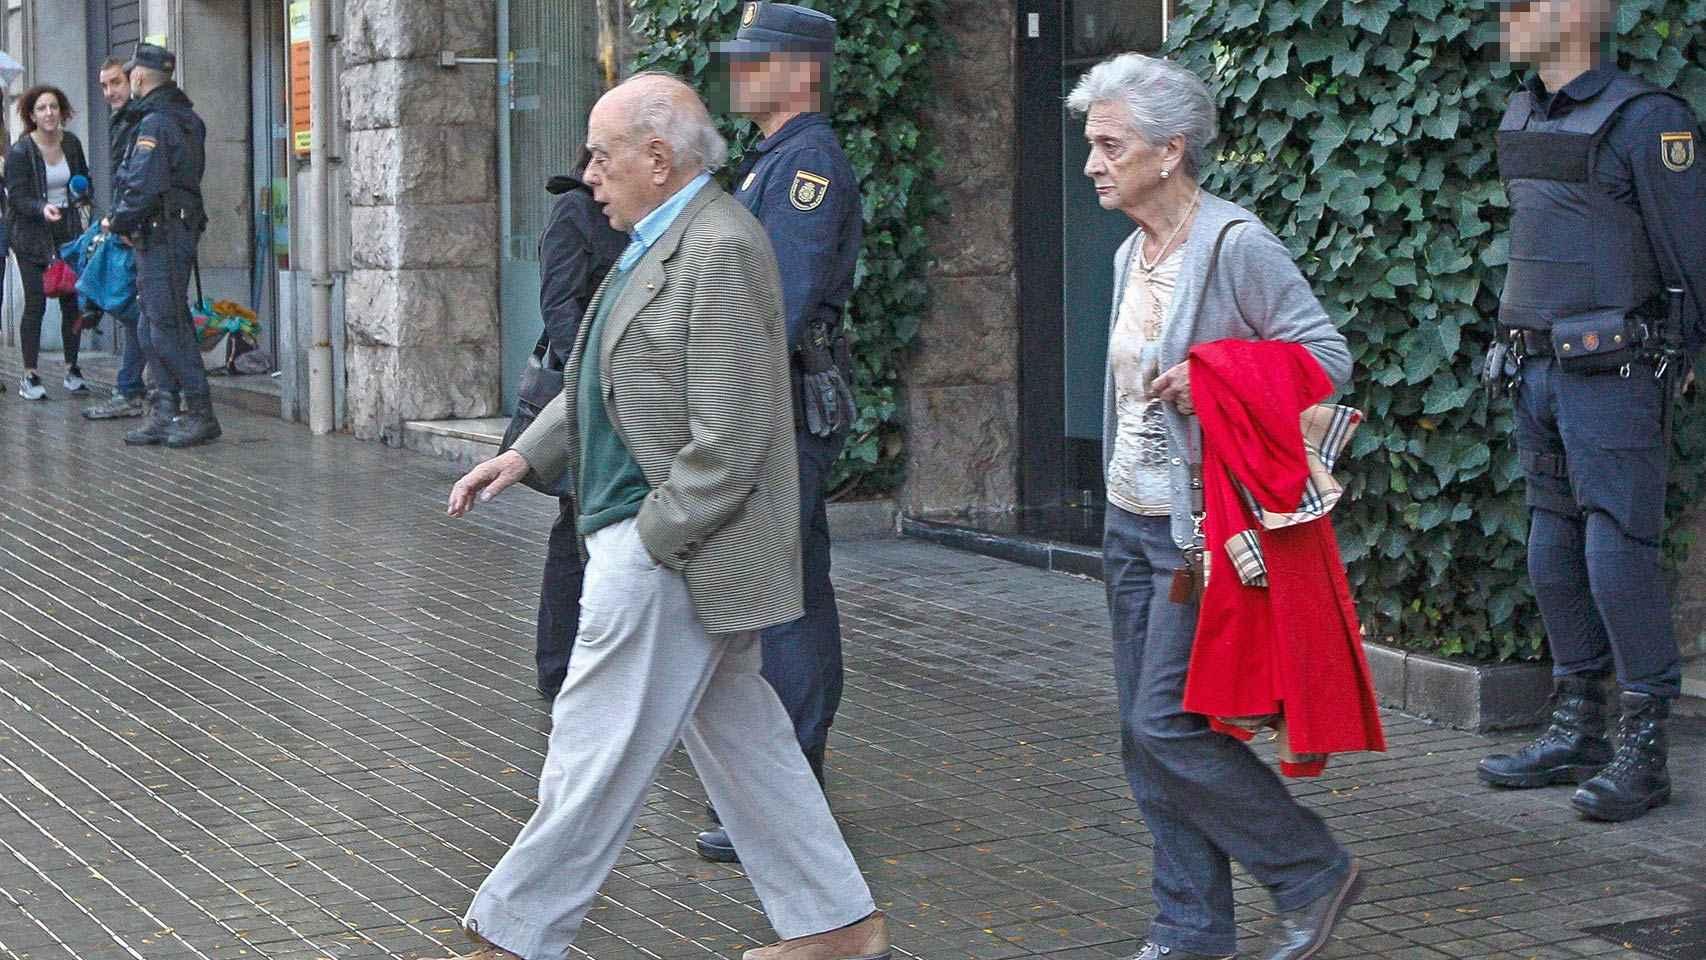 Jordi Pujol y su esposa, Marta Ferrusola, a la salida de su domicilio este martes, tras el registro policial